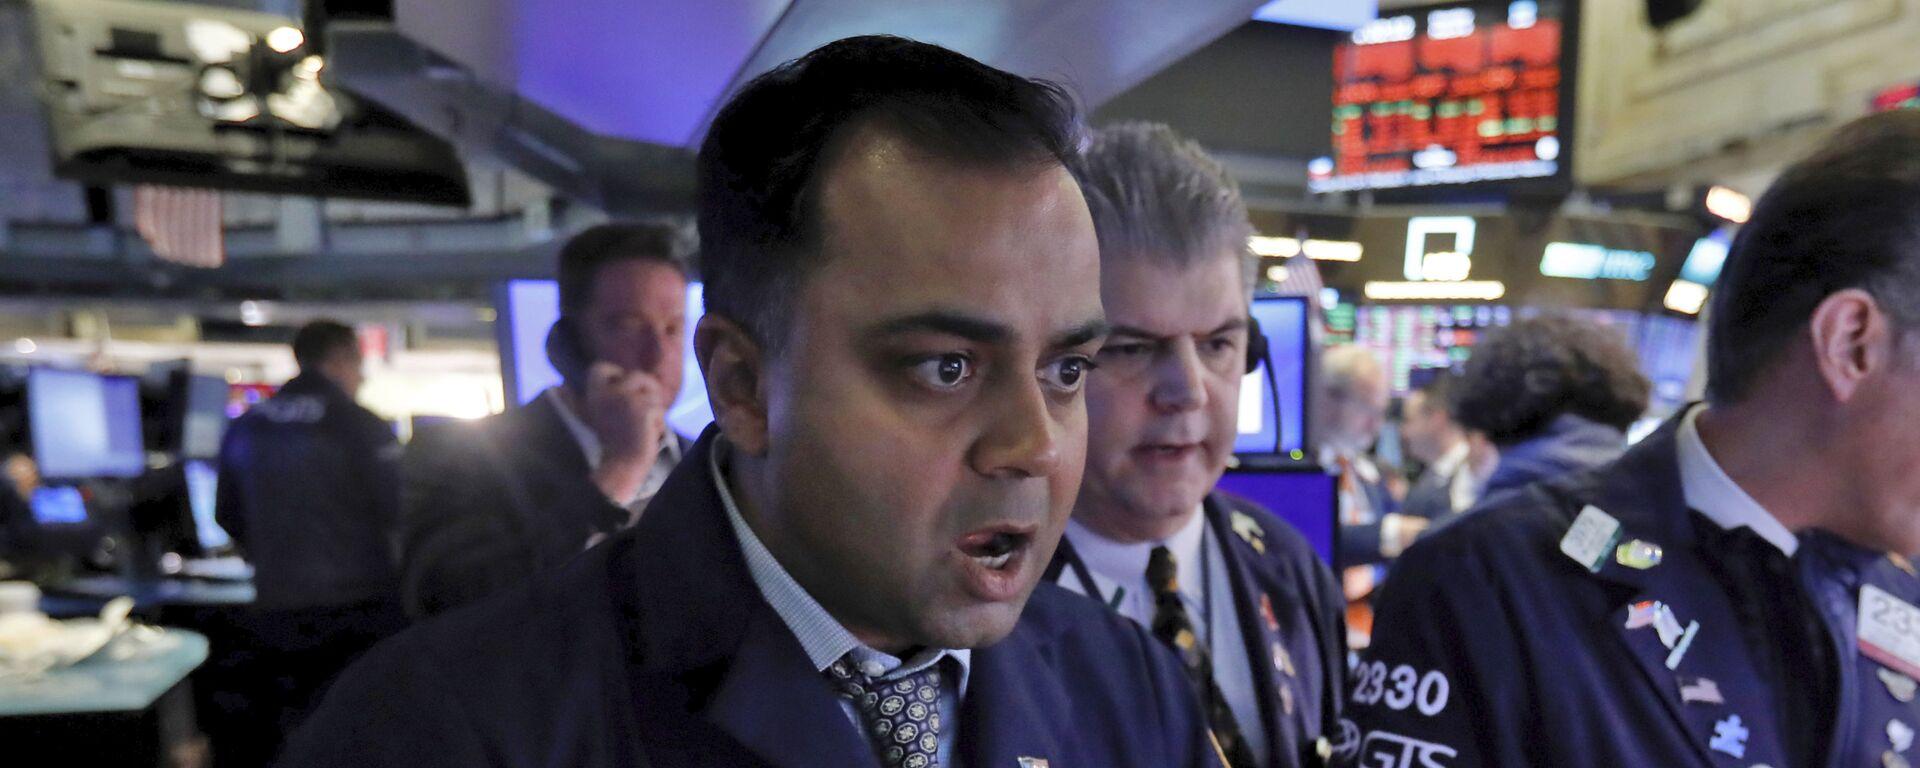 Специалист Нью-Йоркской фондовой биржи реагирует известие о падении рынков - Sputnik Latvija, 1920, 21.02.2021